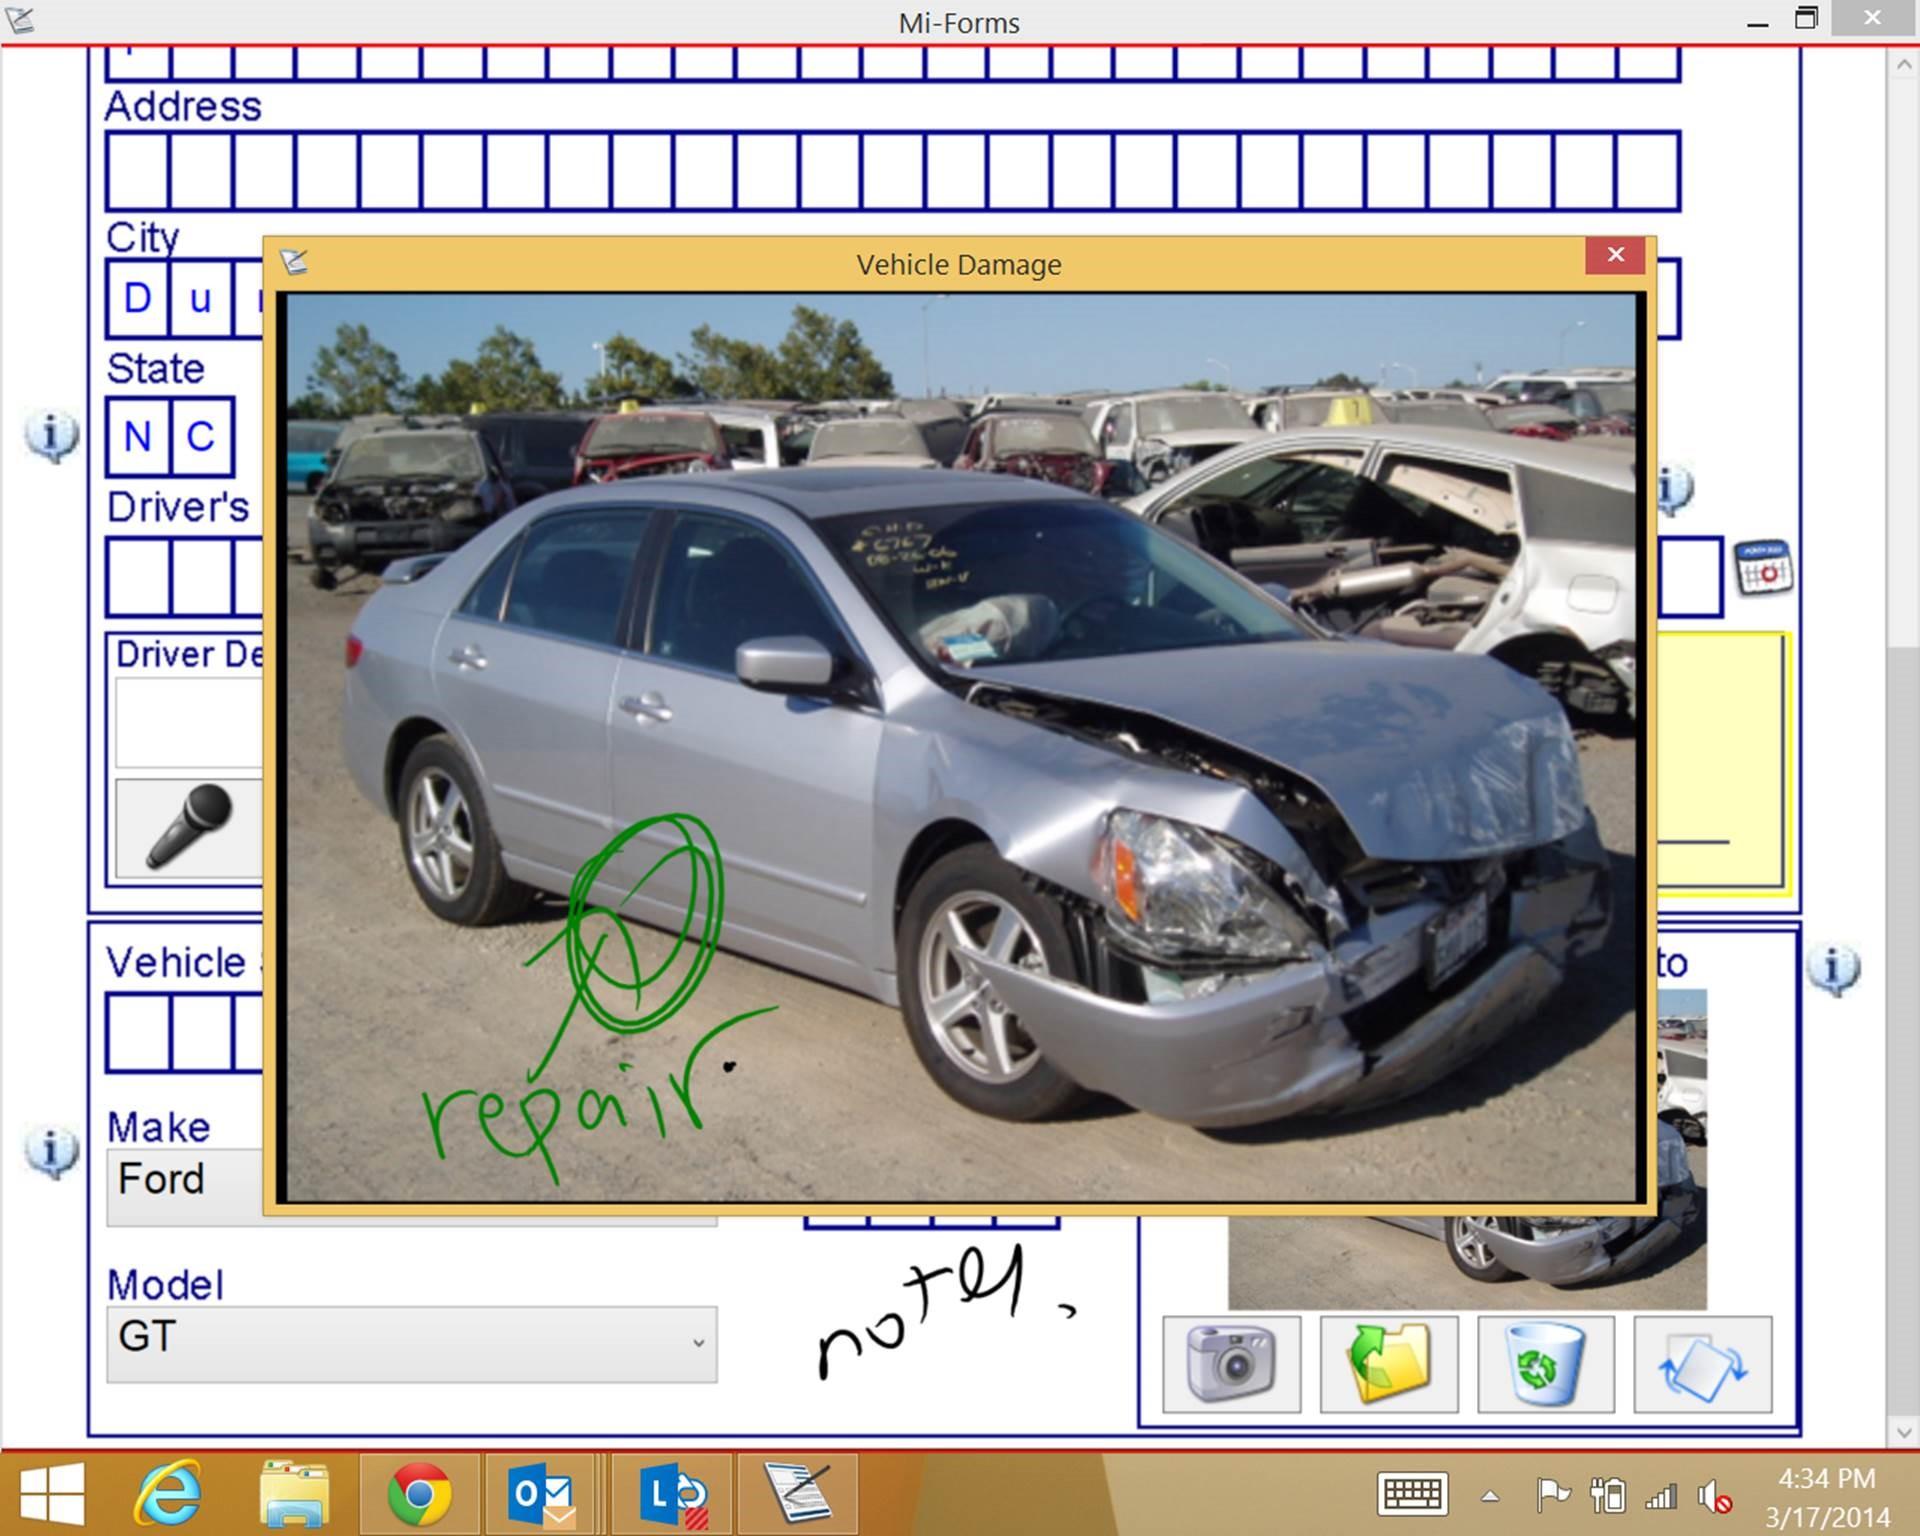 Photo of vehicle damage